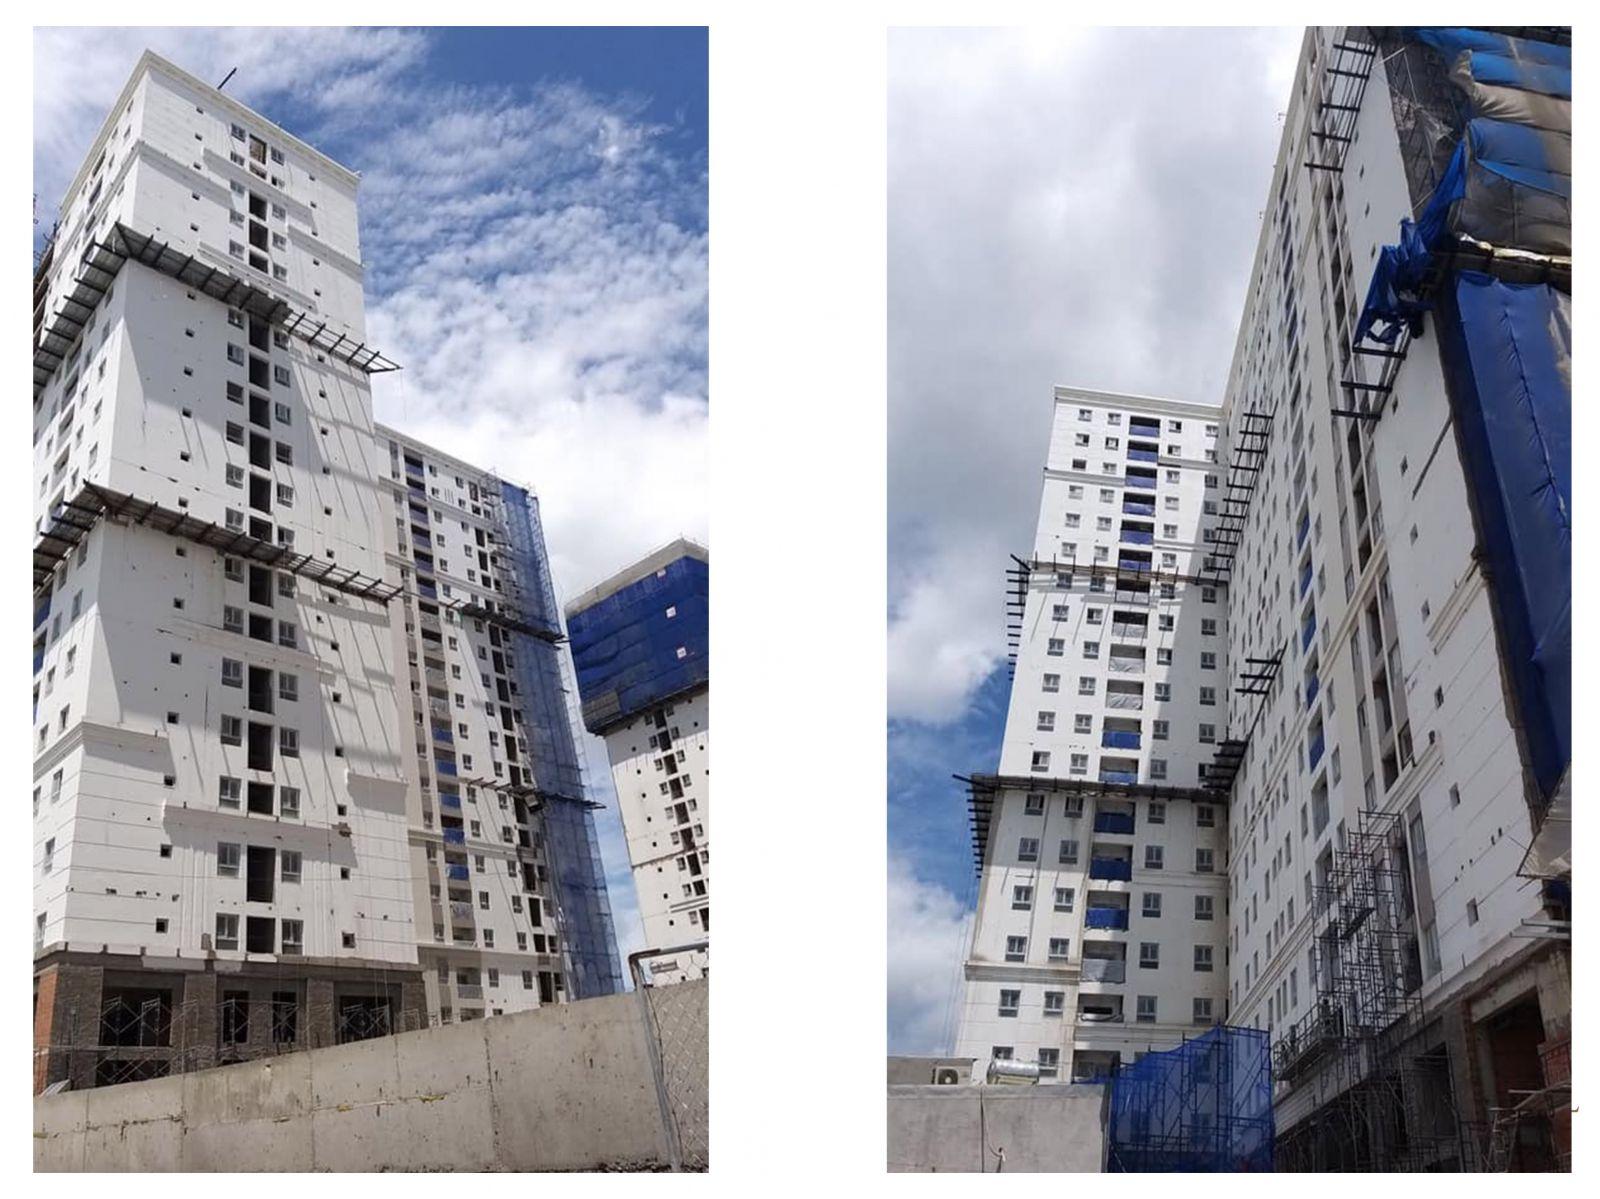 tiến độ xây dựng căn hộ imperial place tháng 9 năm 2019